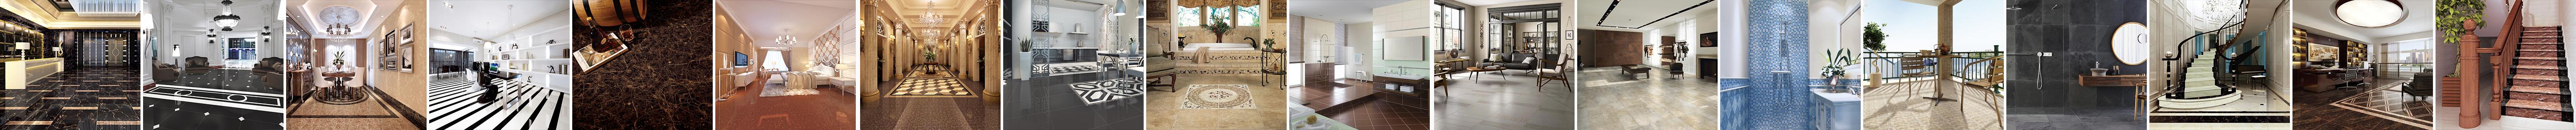 Foshan Liangjian Ceramic Co., Ltd. - Ceramic Tiles,Polished Tiles